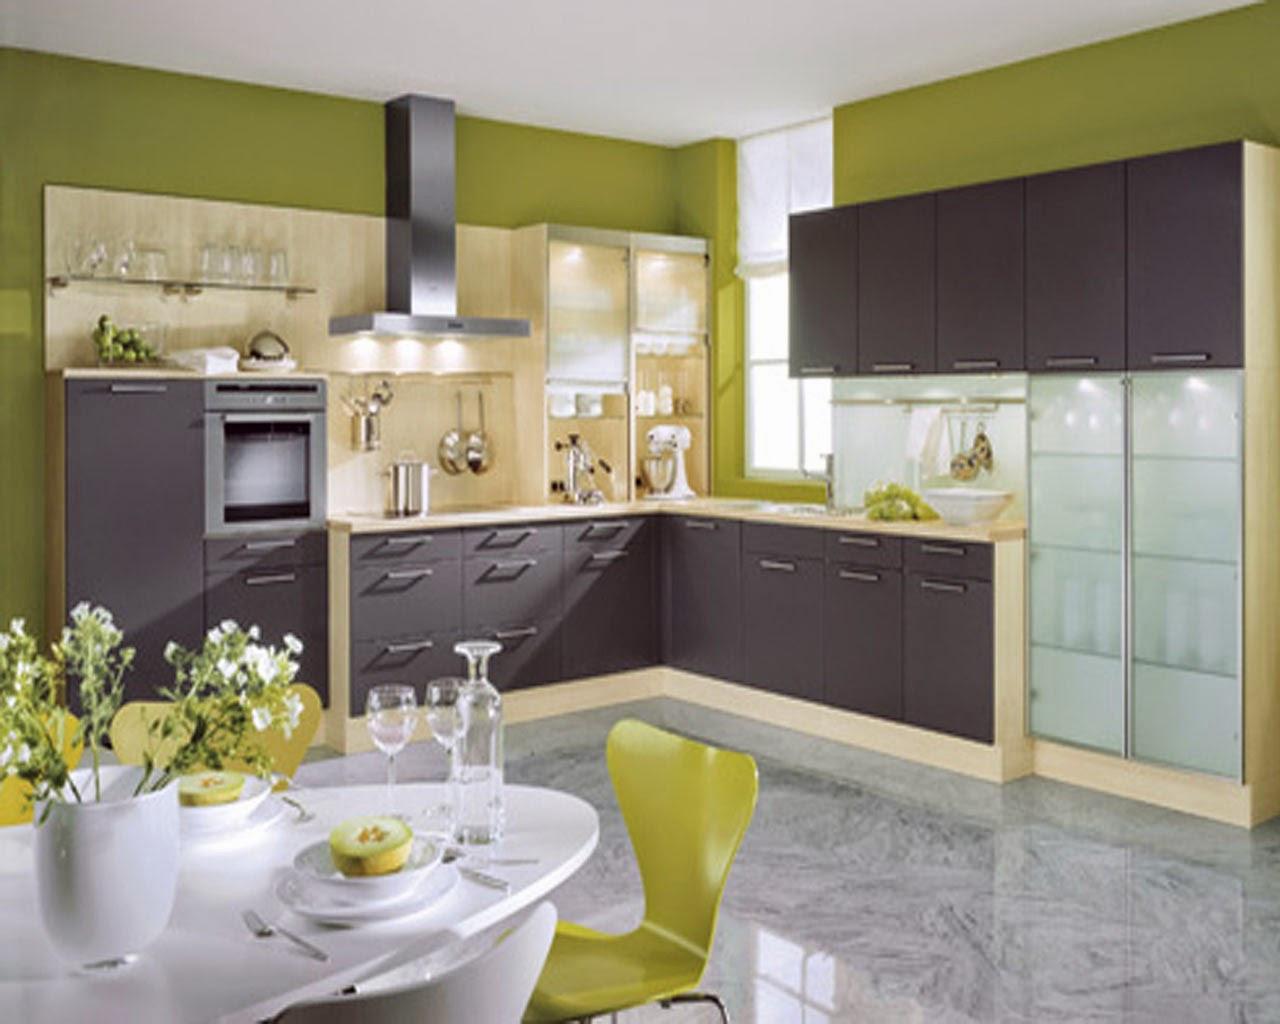 Best ideas about Best Kitchen Ideas . Save or Pin Best Kitchen Design Ideas Now.